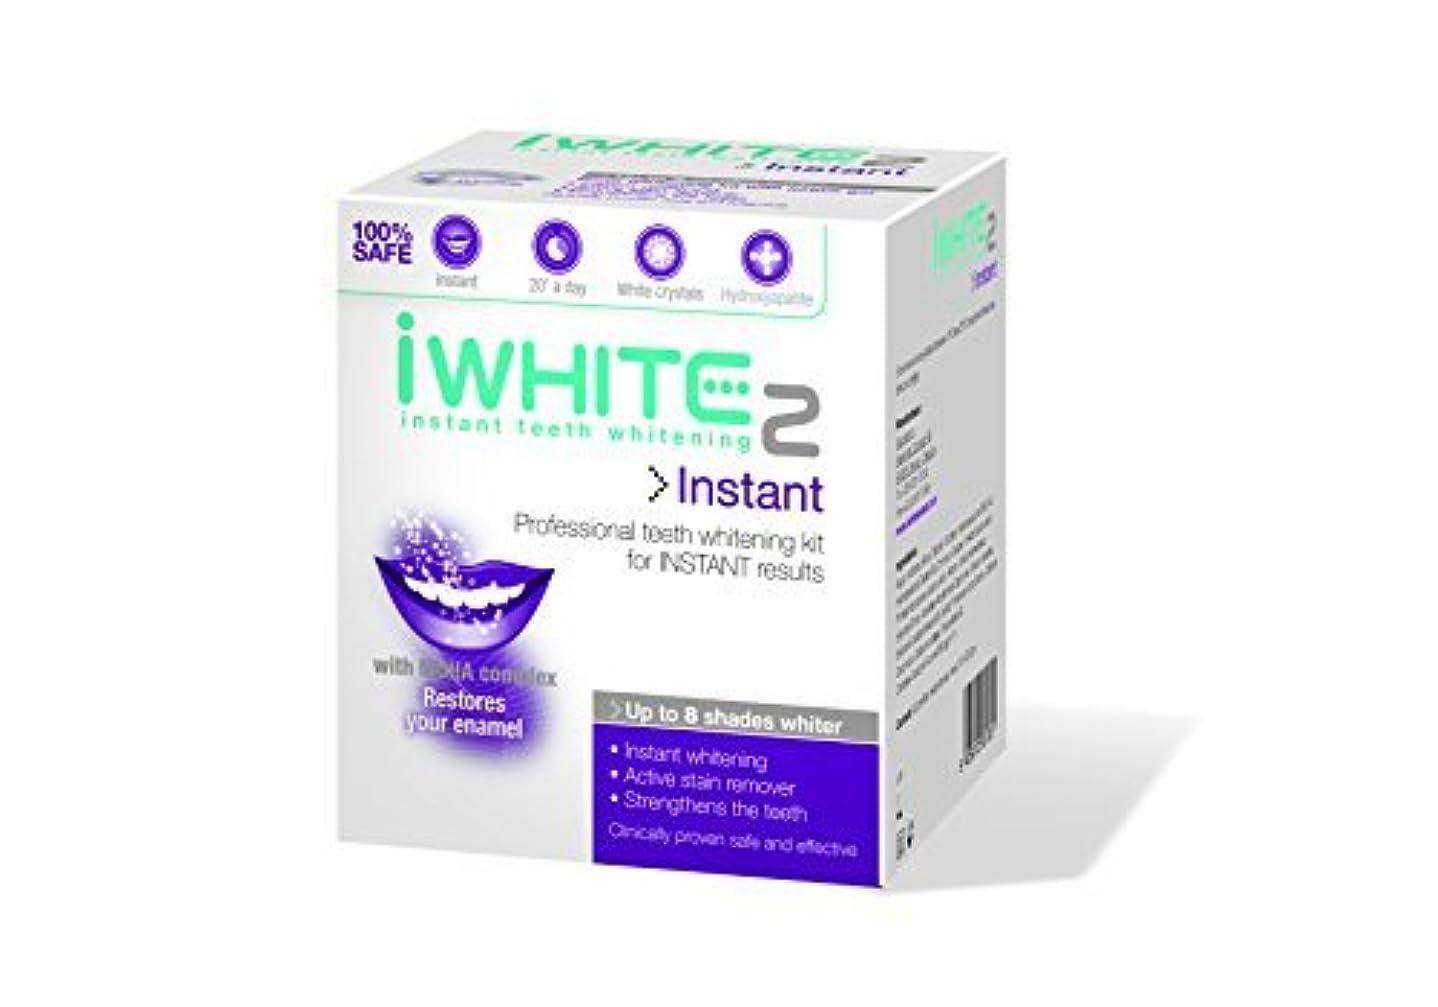 マイク揮発性紳士iWhite Instant Two Professional Teeth Whitening Kit - 10 Trays by iWhite [並行輸入品]